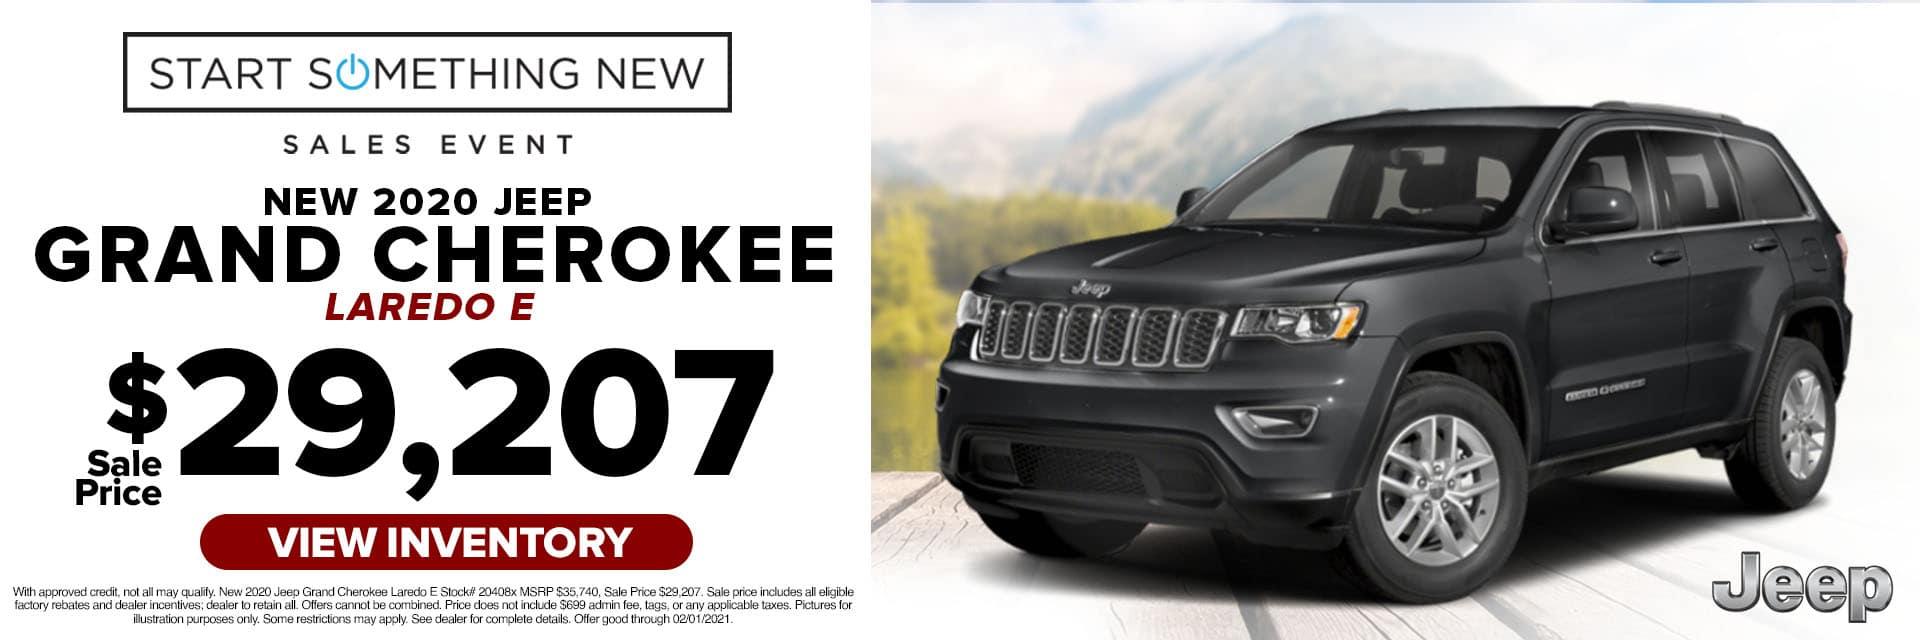 CLGO-January 2021-2020 Jeep Grand Cherokee